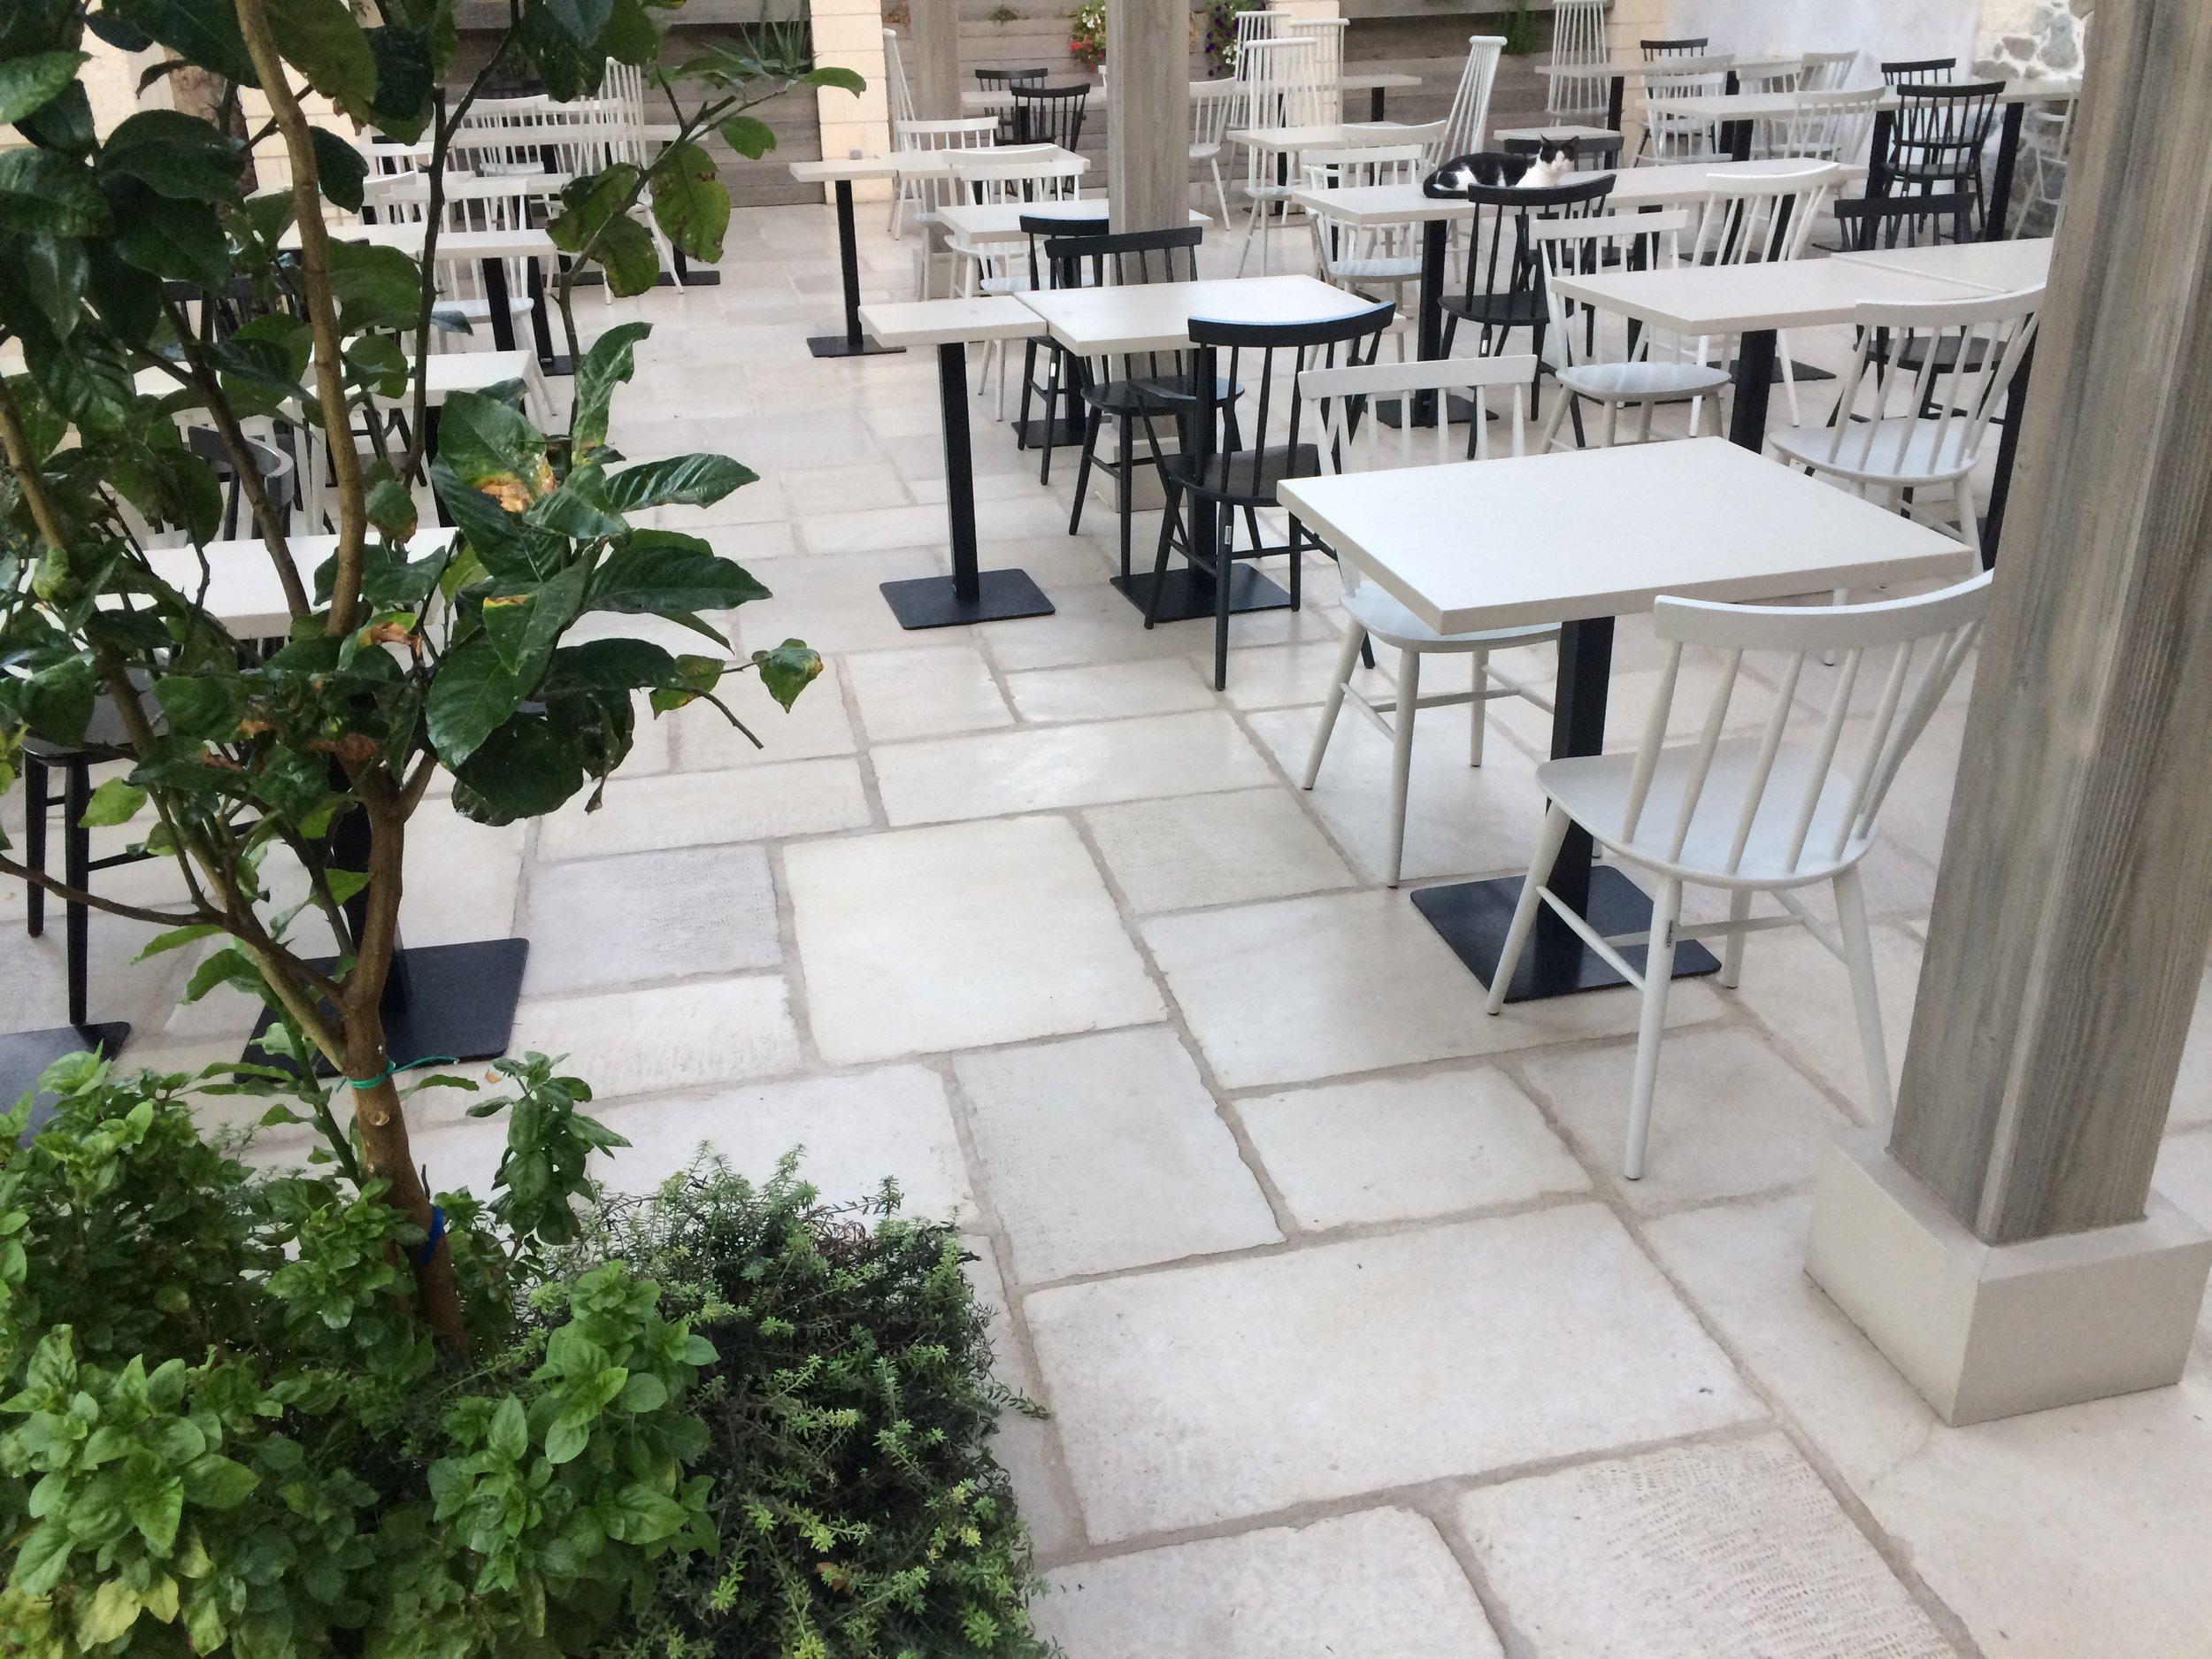 Naxos-bar restaurant 5.JPG